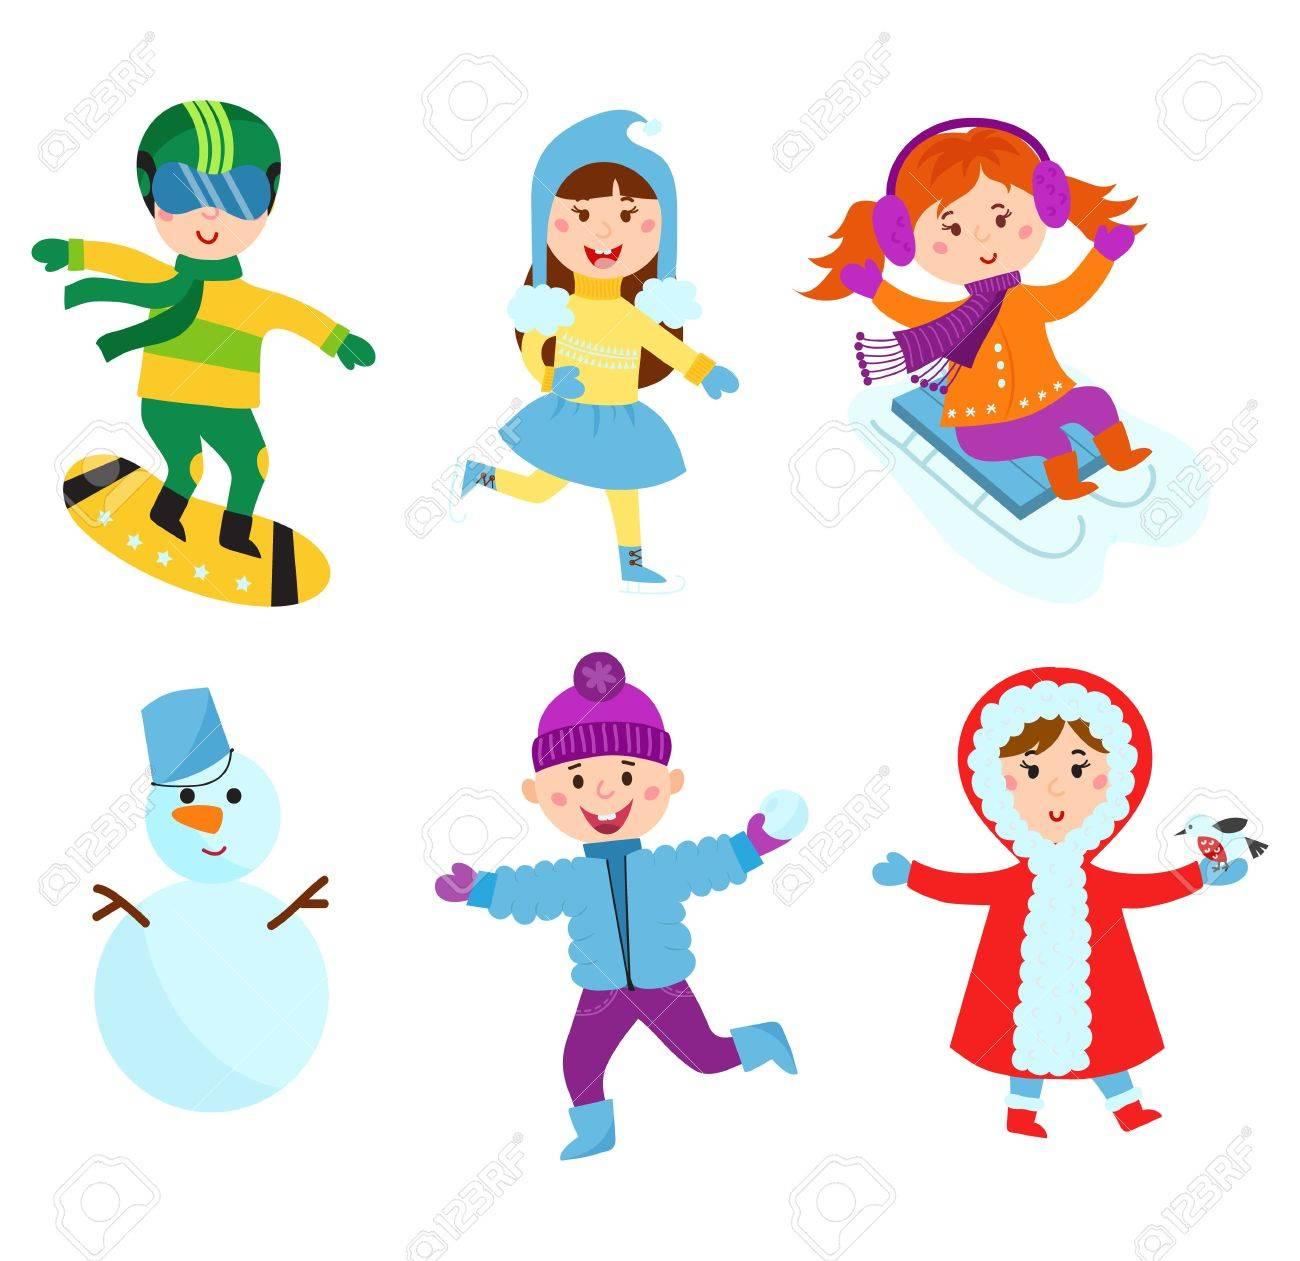 Enfants De Noël Jouer À Des Jeux D'hiver. Luge Robes De Fille Jusqu'à  L'arbre De Noël, La Neige Garçon Fait L'homme, Des Enfants Jouant Des  Boules De destiné Jouer A Des Jeux De Fille